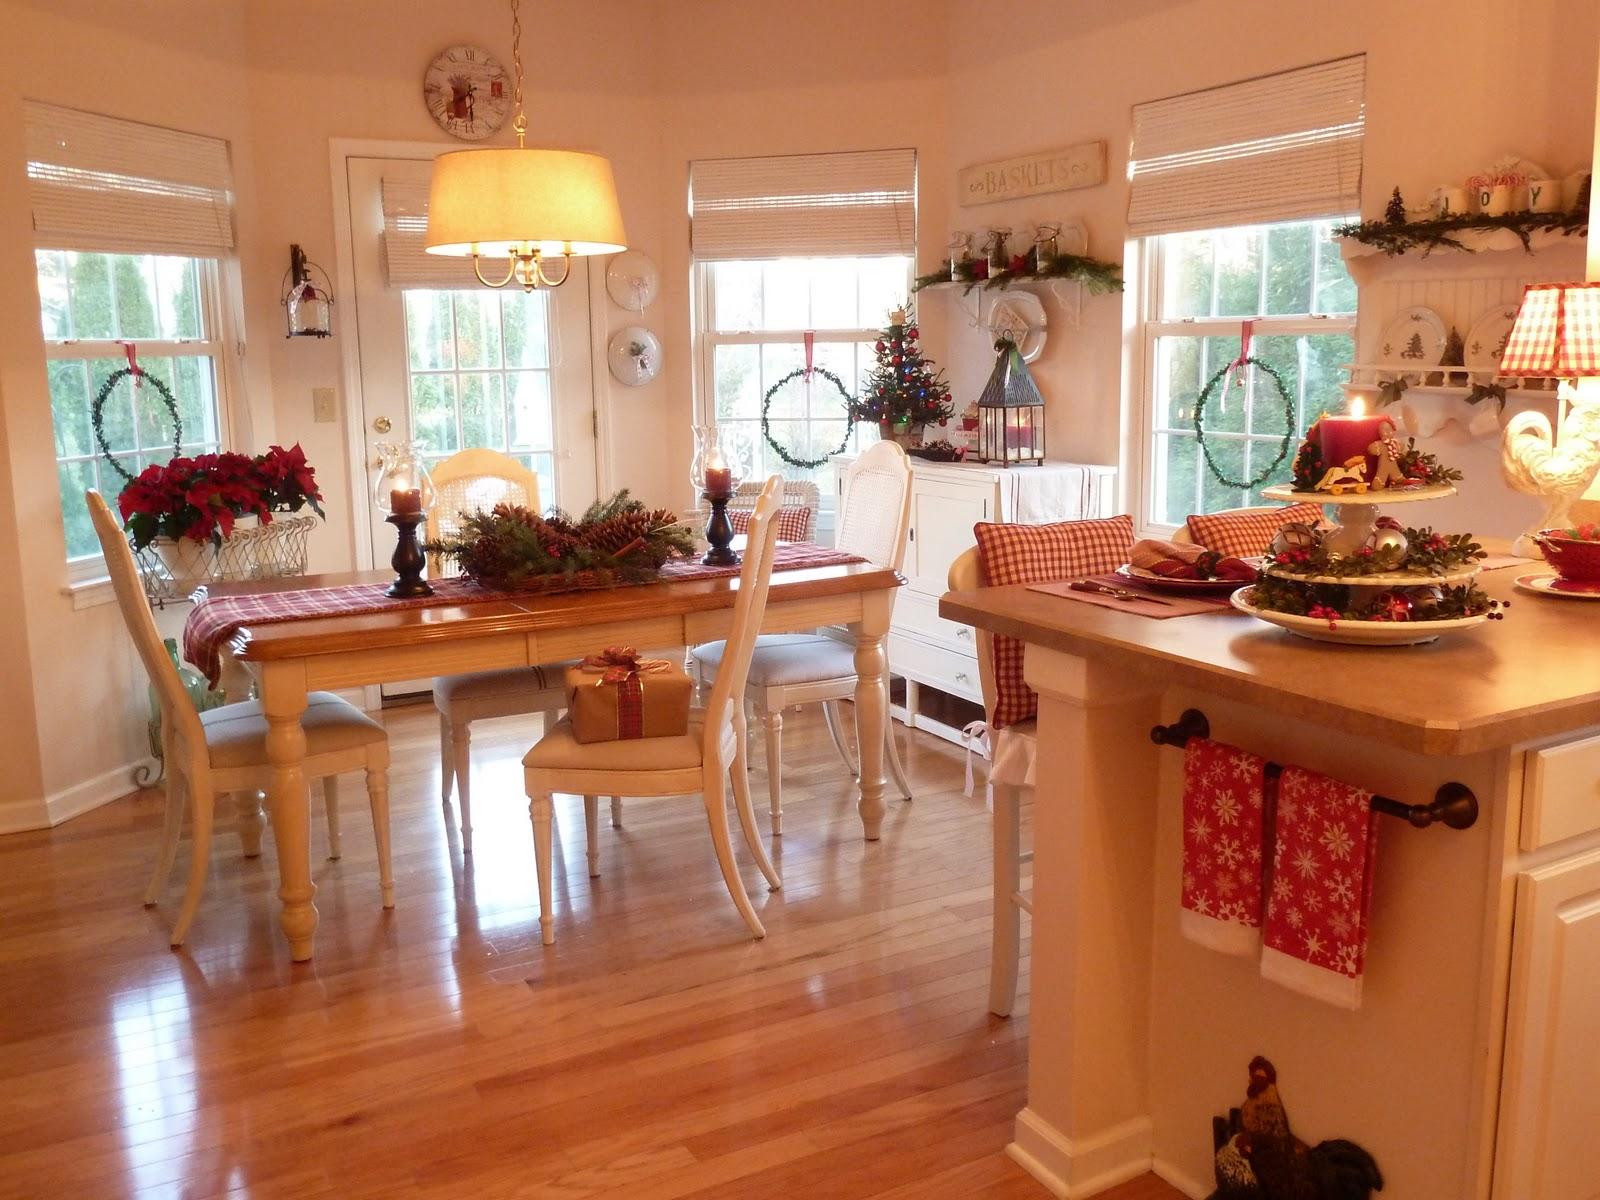 #A74B24 Ideias de Decoração Natalina para Cozinha e Sala de Jantar Design  1600x1200 px Idéias Inspiração Cozinha_56 Imagens